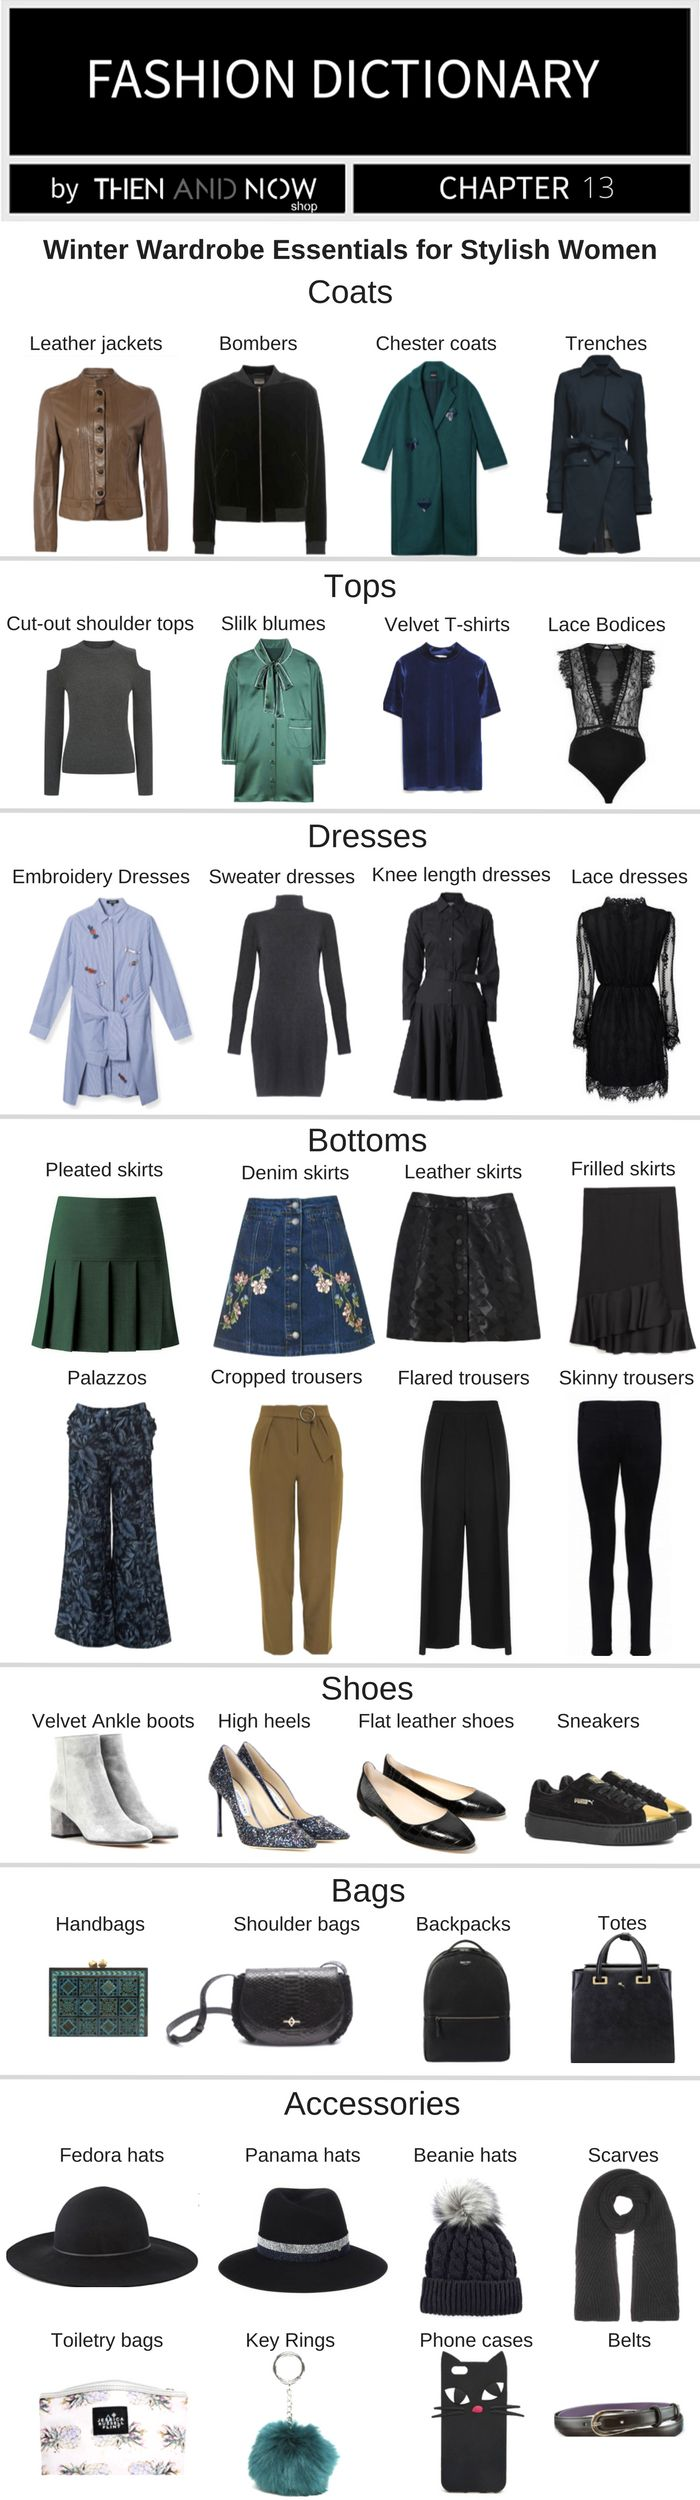 winter-wardrobe-essentials-for-stylish-women